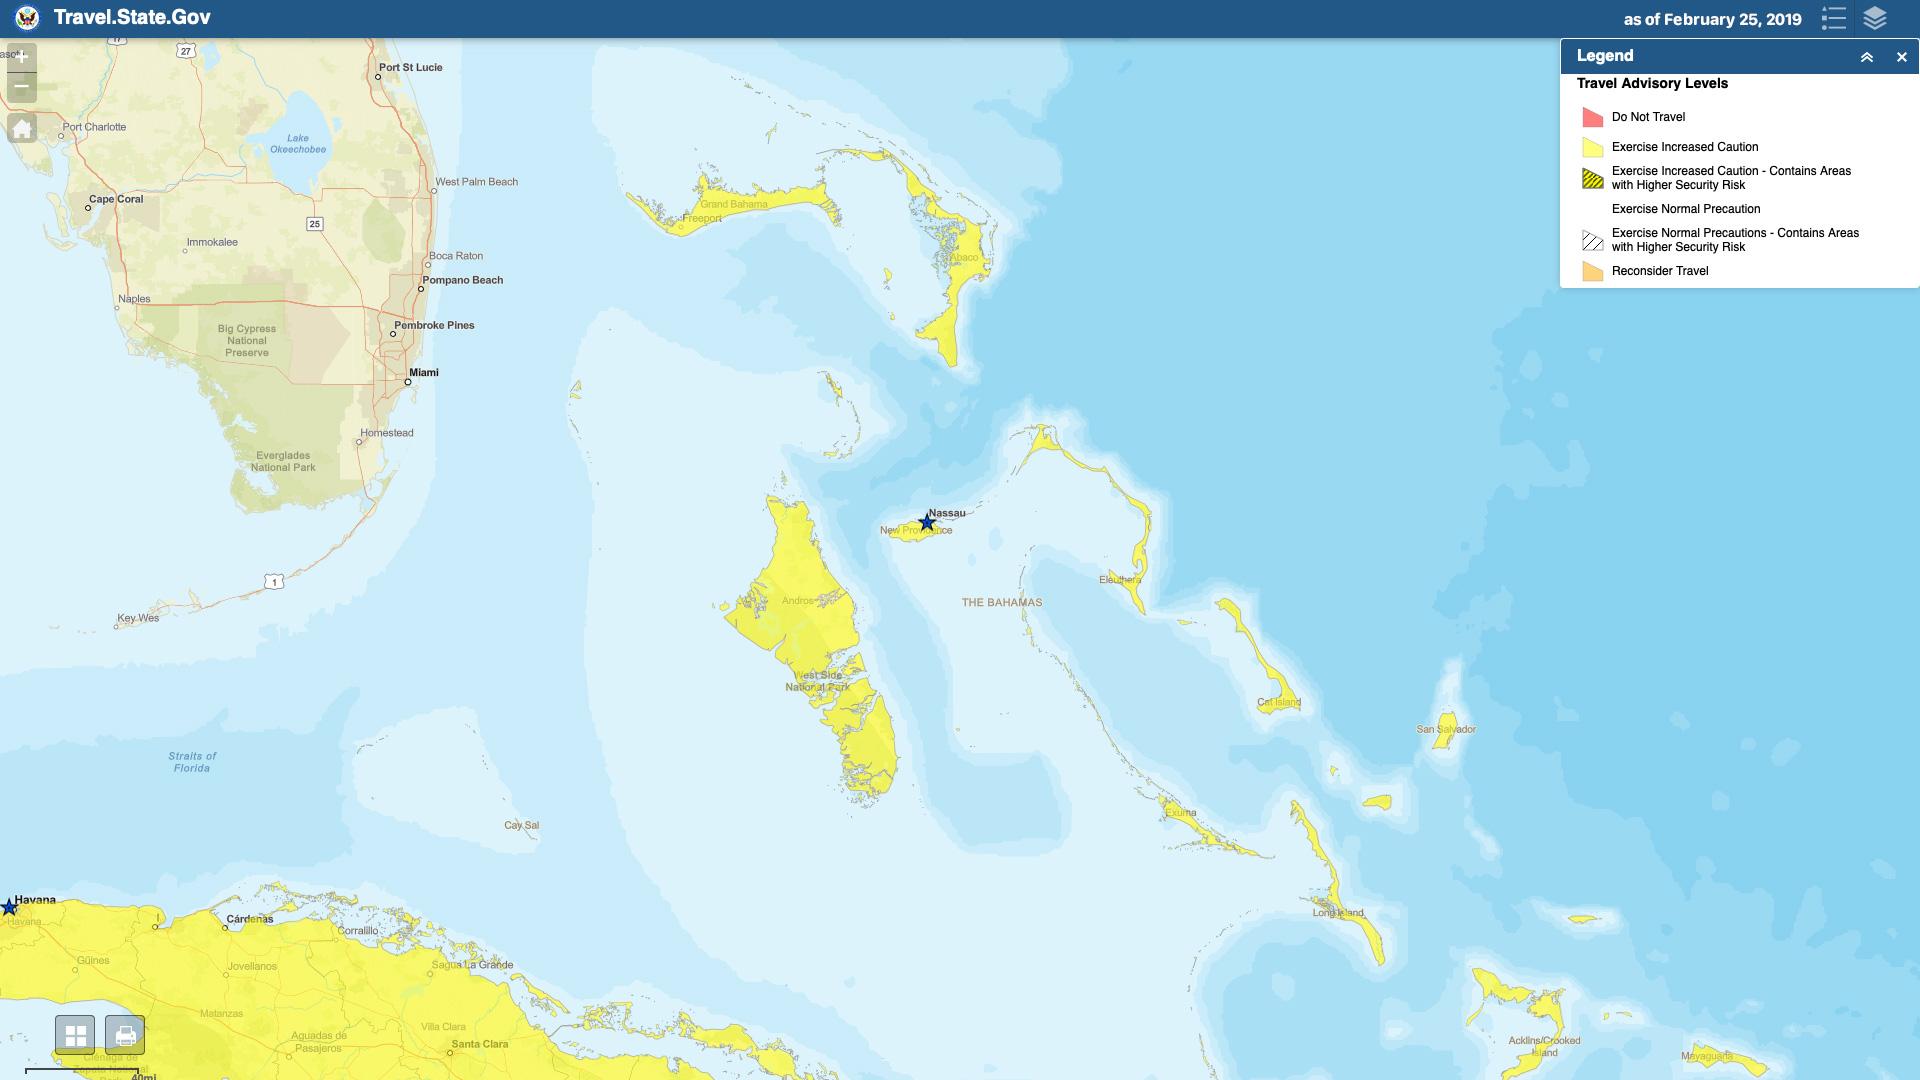 The Bahamas Travel Advisory Map 20190225